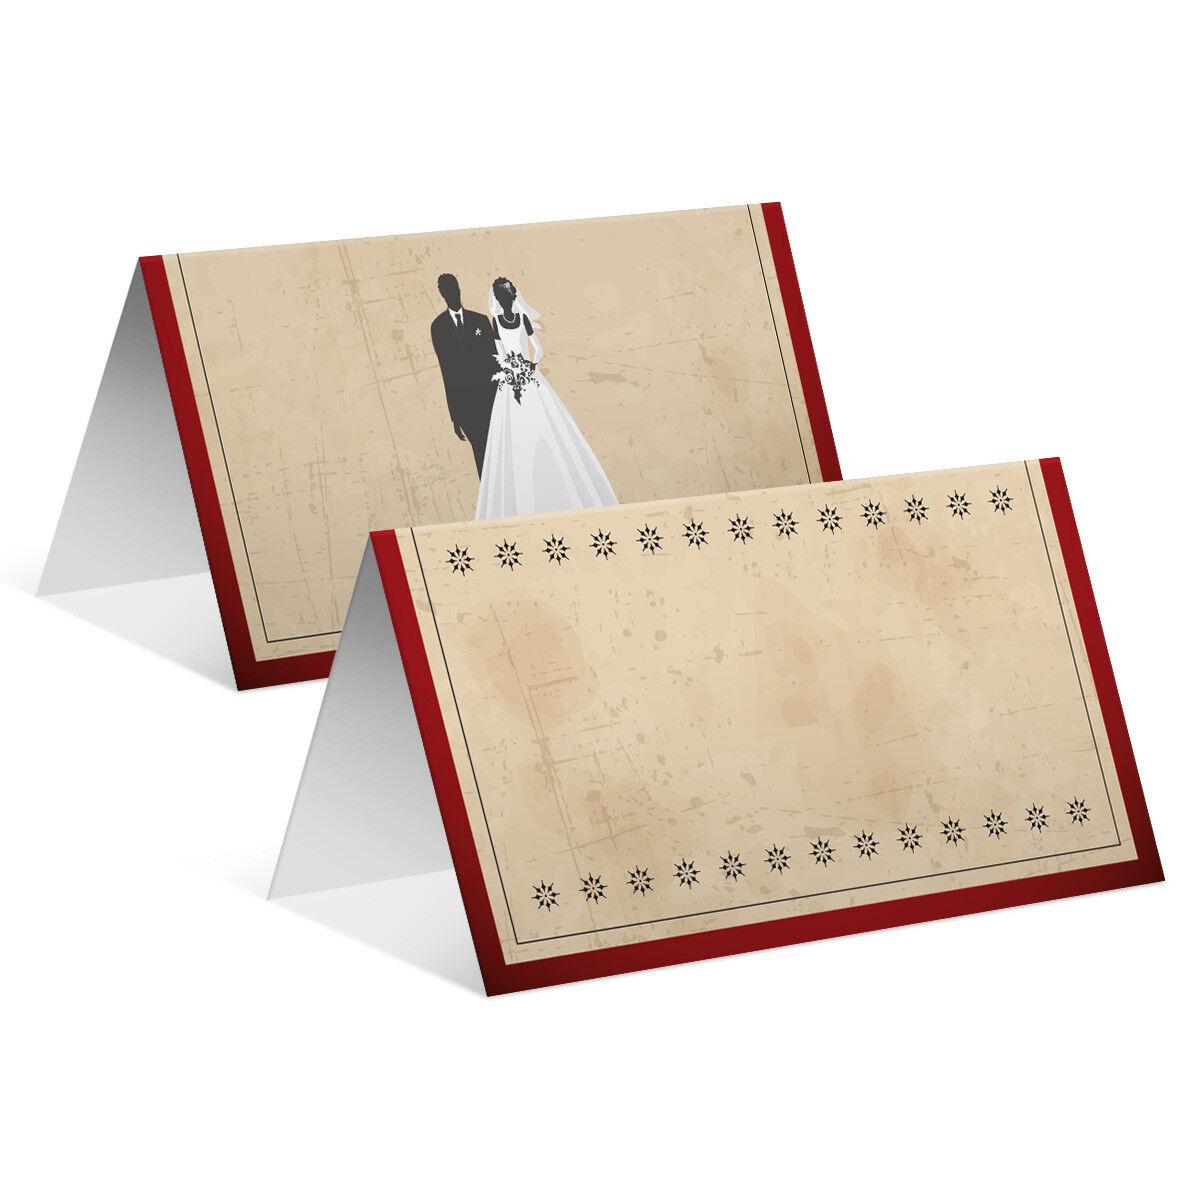 Blanko Platzkarte Tischkarten Tischkarten Tischkarten Geburtstag Hochzeit - Vintage Brautpaar Rot   Angenehmes Gefühl    Sonderaktionen zum Jahresende  da2006